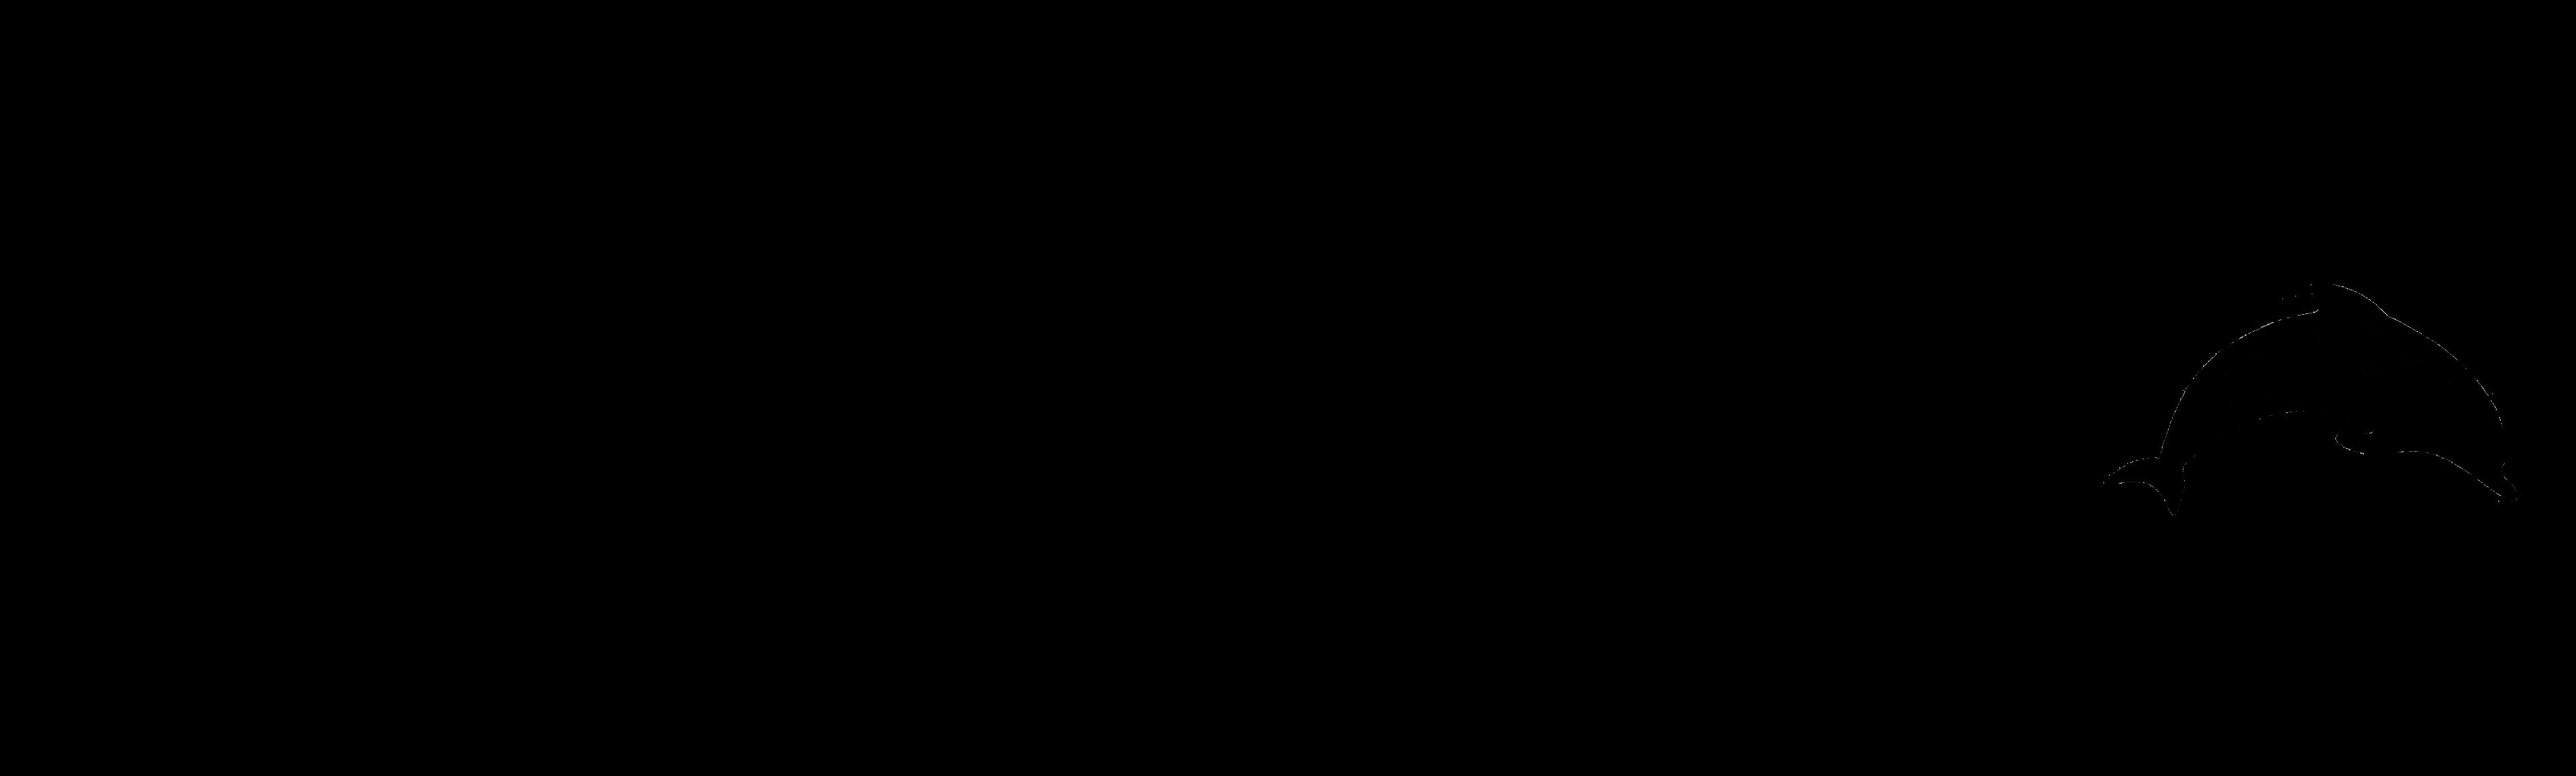 PREMIUM DOLPHIN